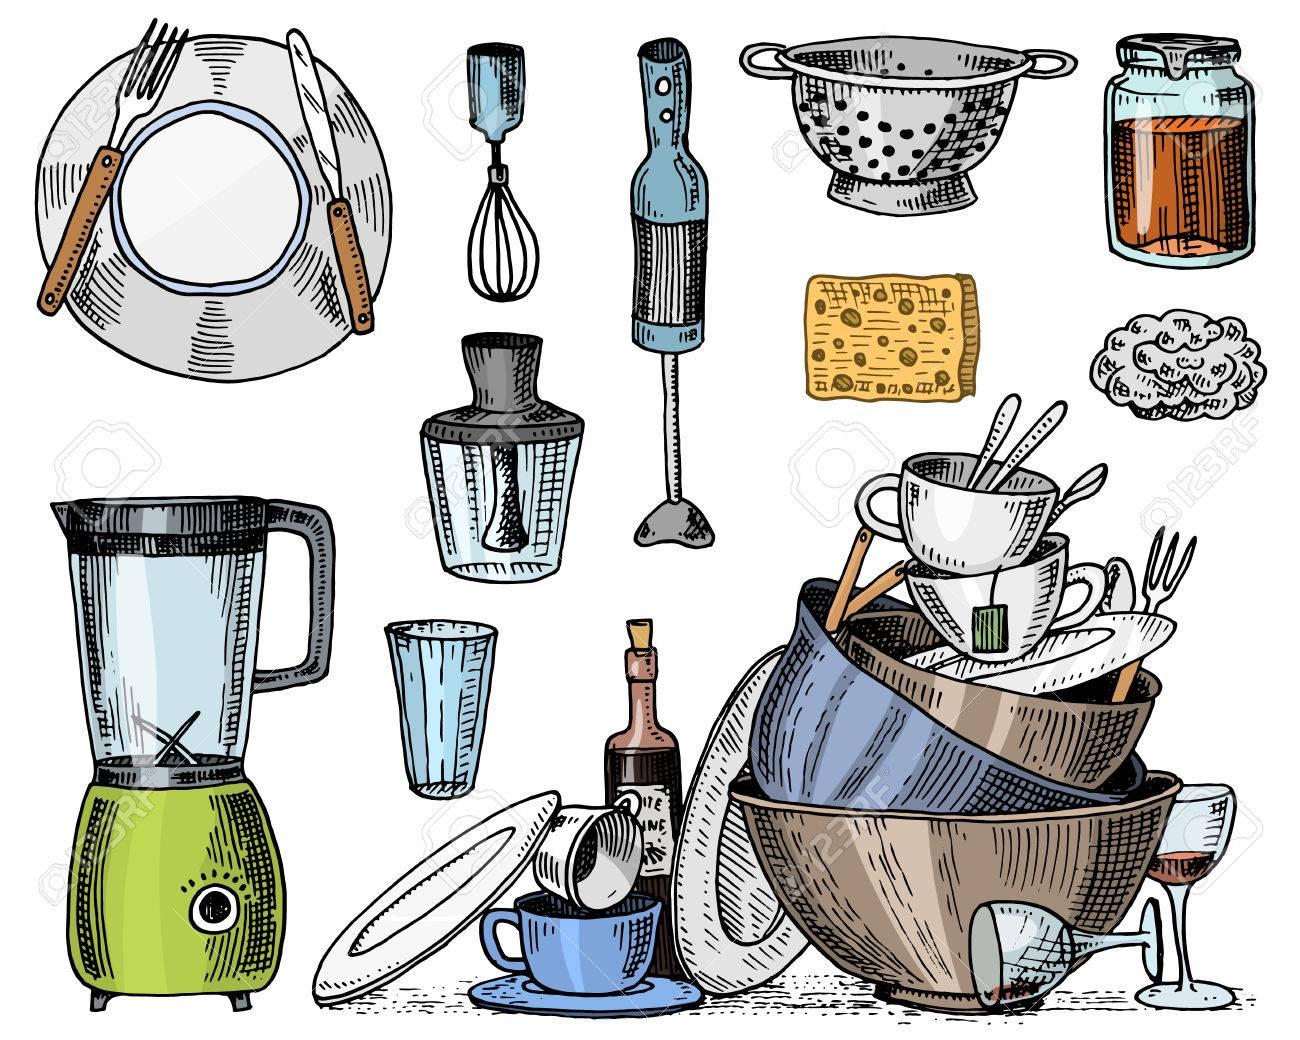 Passoire, mélangeur et presse-agrumes, vaisselle sale, confiture et éponge  pour le lavage. Chef et ustensiles de cuisine sales, produits de cuisine